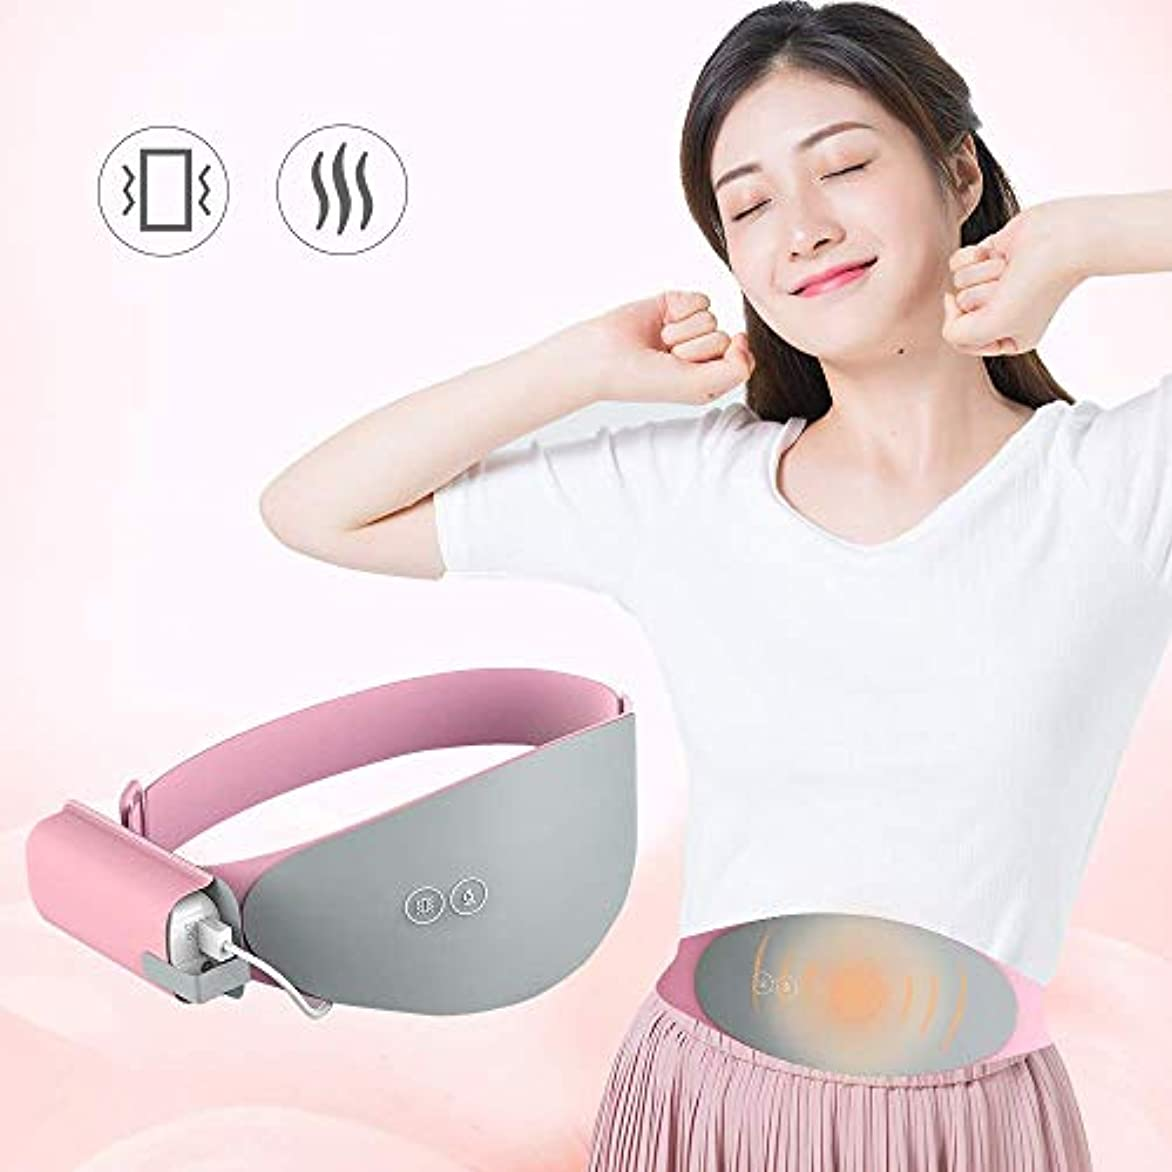 マッサージ機 腰マッサージャー 腰痛対策 生理痛対策 温熱器具 温熱療法 振動機能 ヒーター 生理痛マッサージャー USB充電式電動 腰 マッサージ サポーター コードレス設計 電動腰ベルト